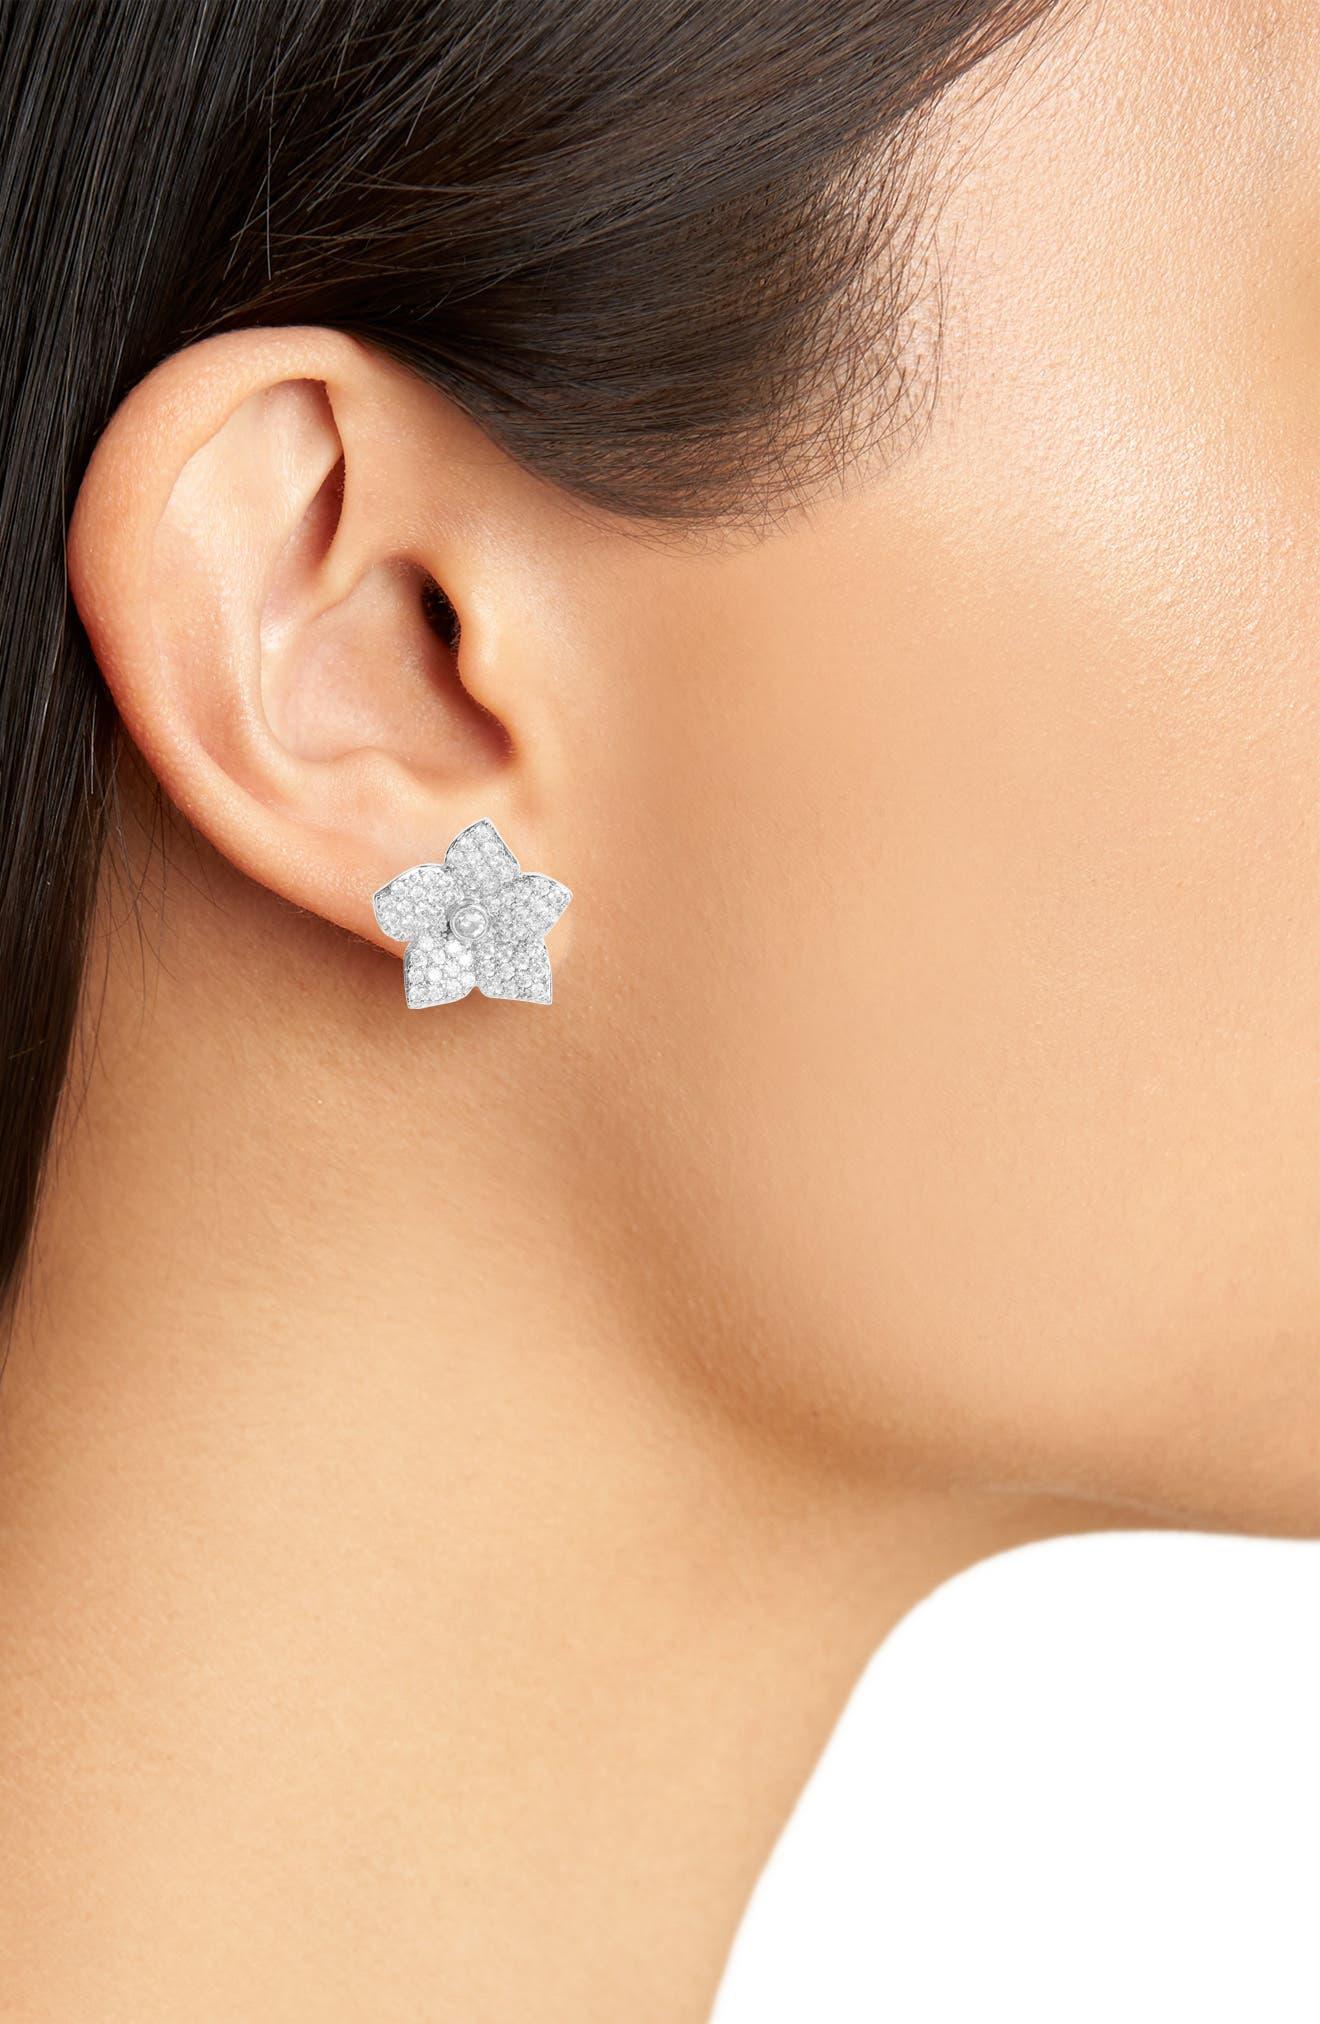 Kate Spade Blooming Pavé Stud Earrings,                             Alternate thumbnail 2, color,                             041